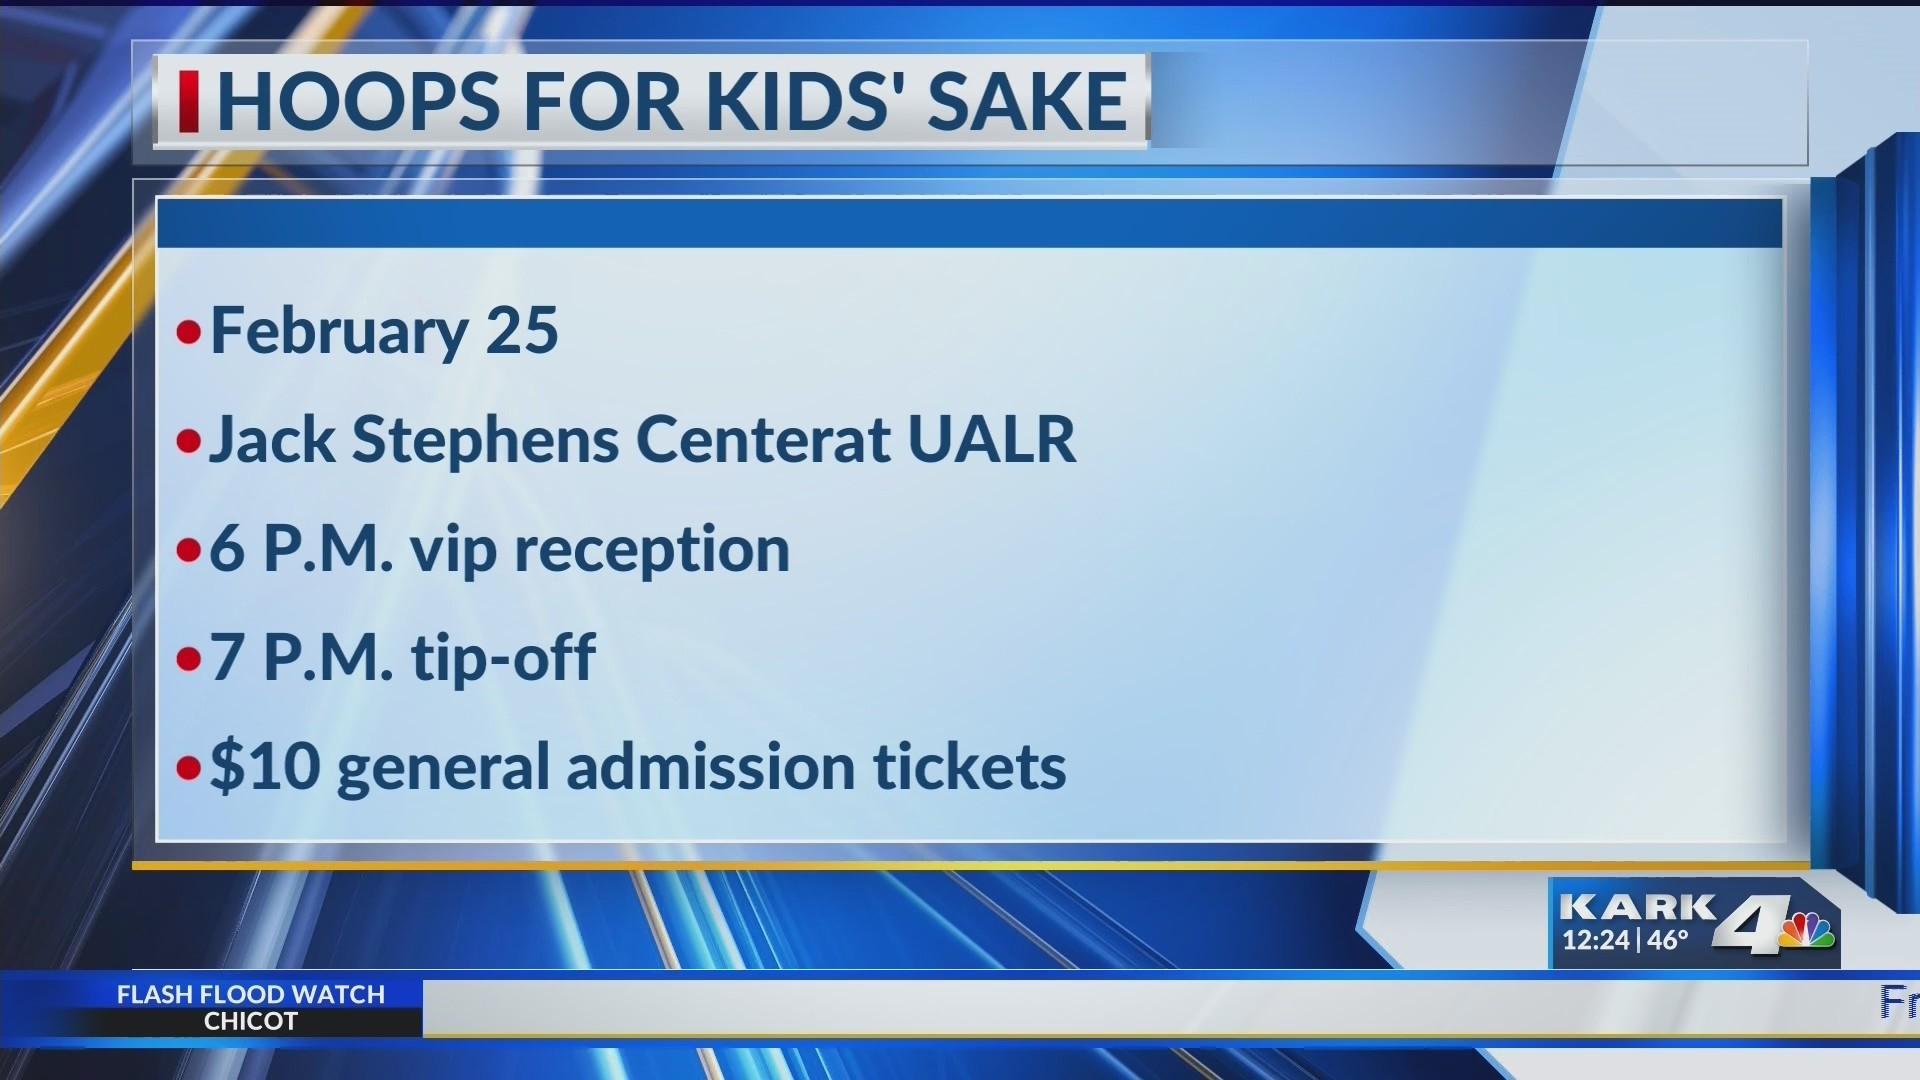 hoops_for_kids_sake_0_20190221205735